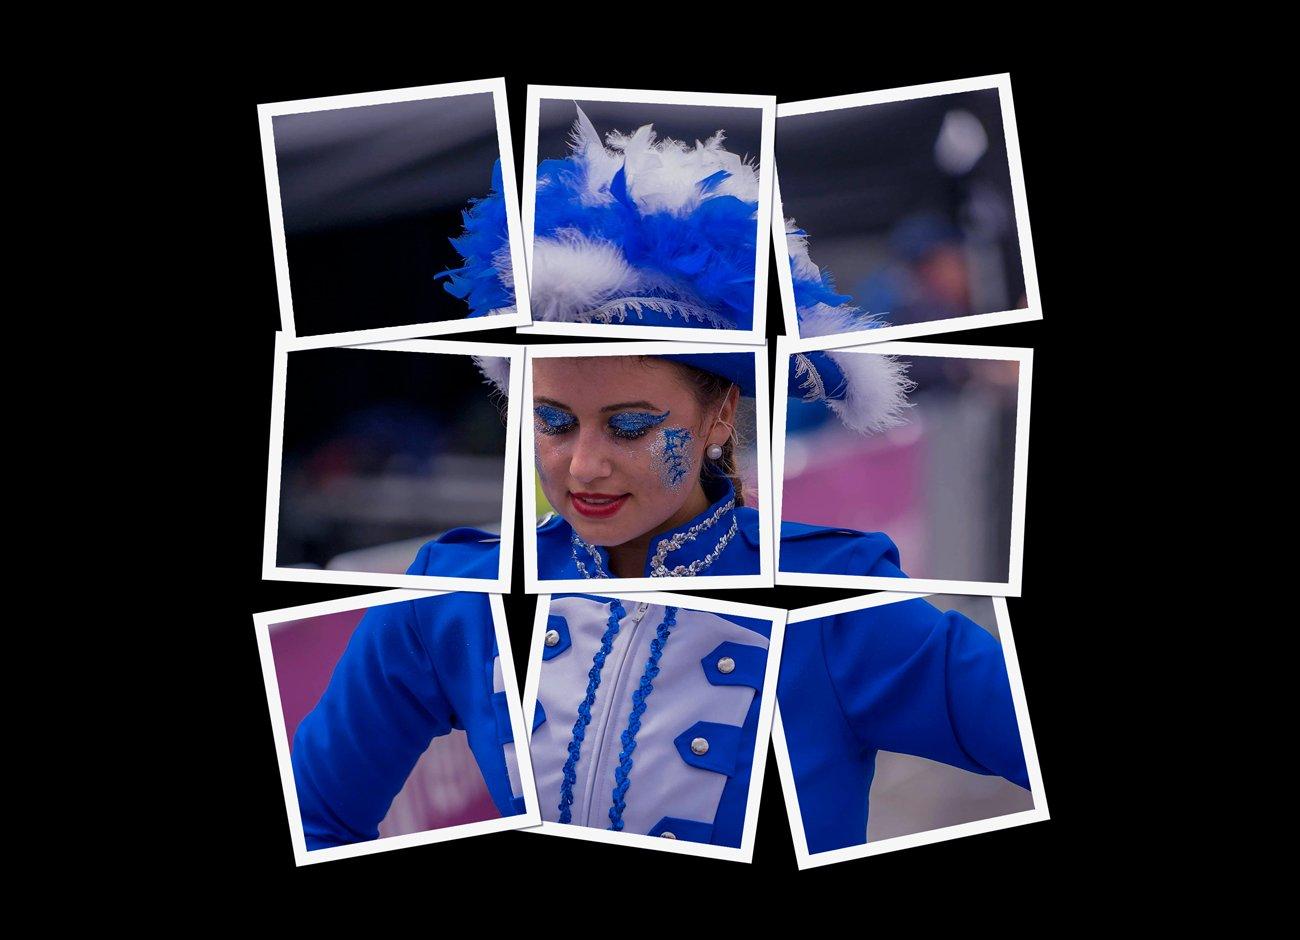 拼贴效果照片处理特效PS动作模板素材 Collage Photo Effect PS Action插图6